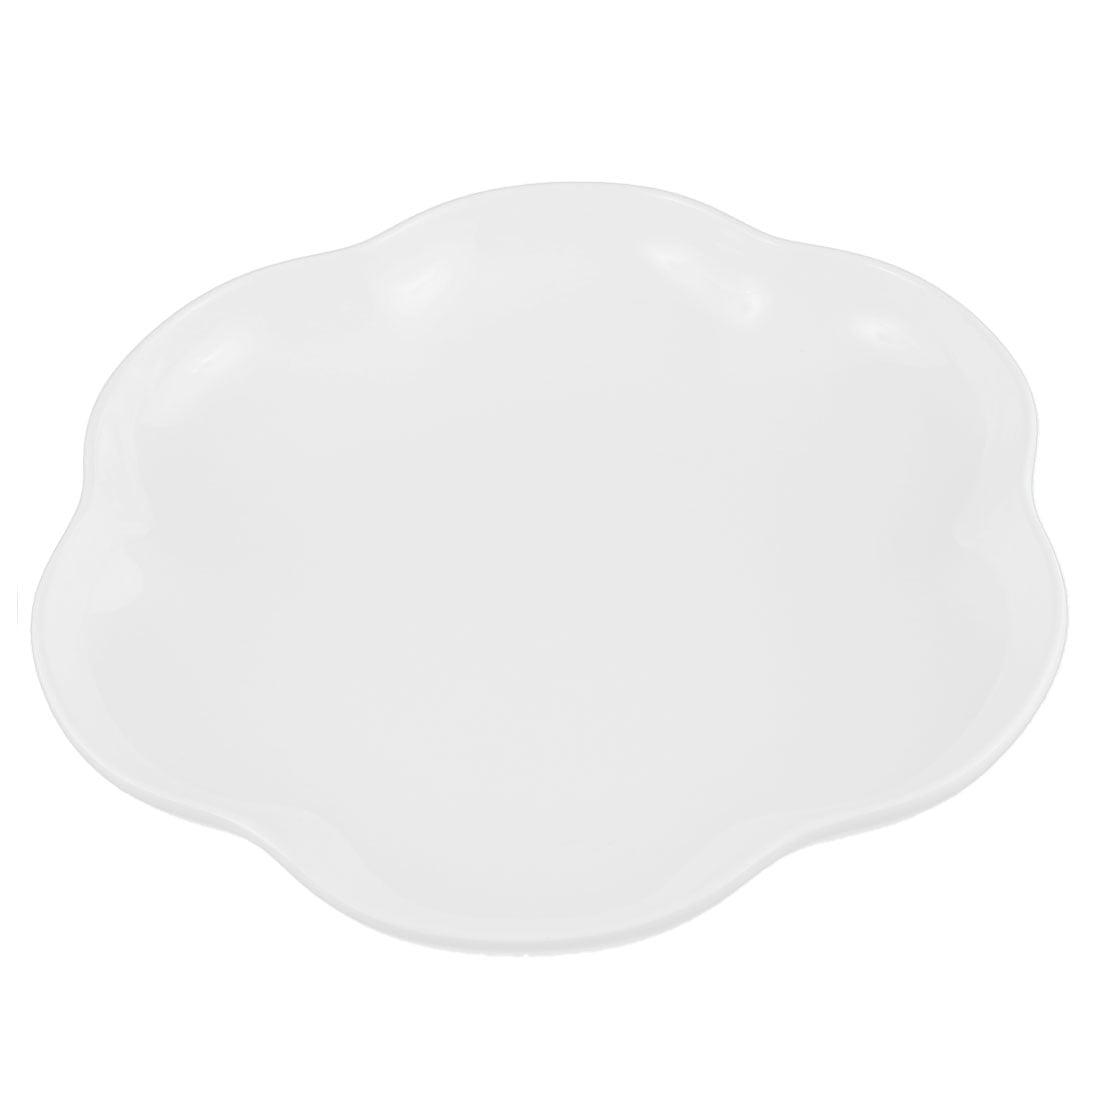 Unique Bargains Home Plastic Lotus Shape Fruits Dessert Dish Plate White by